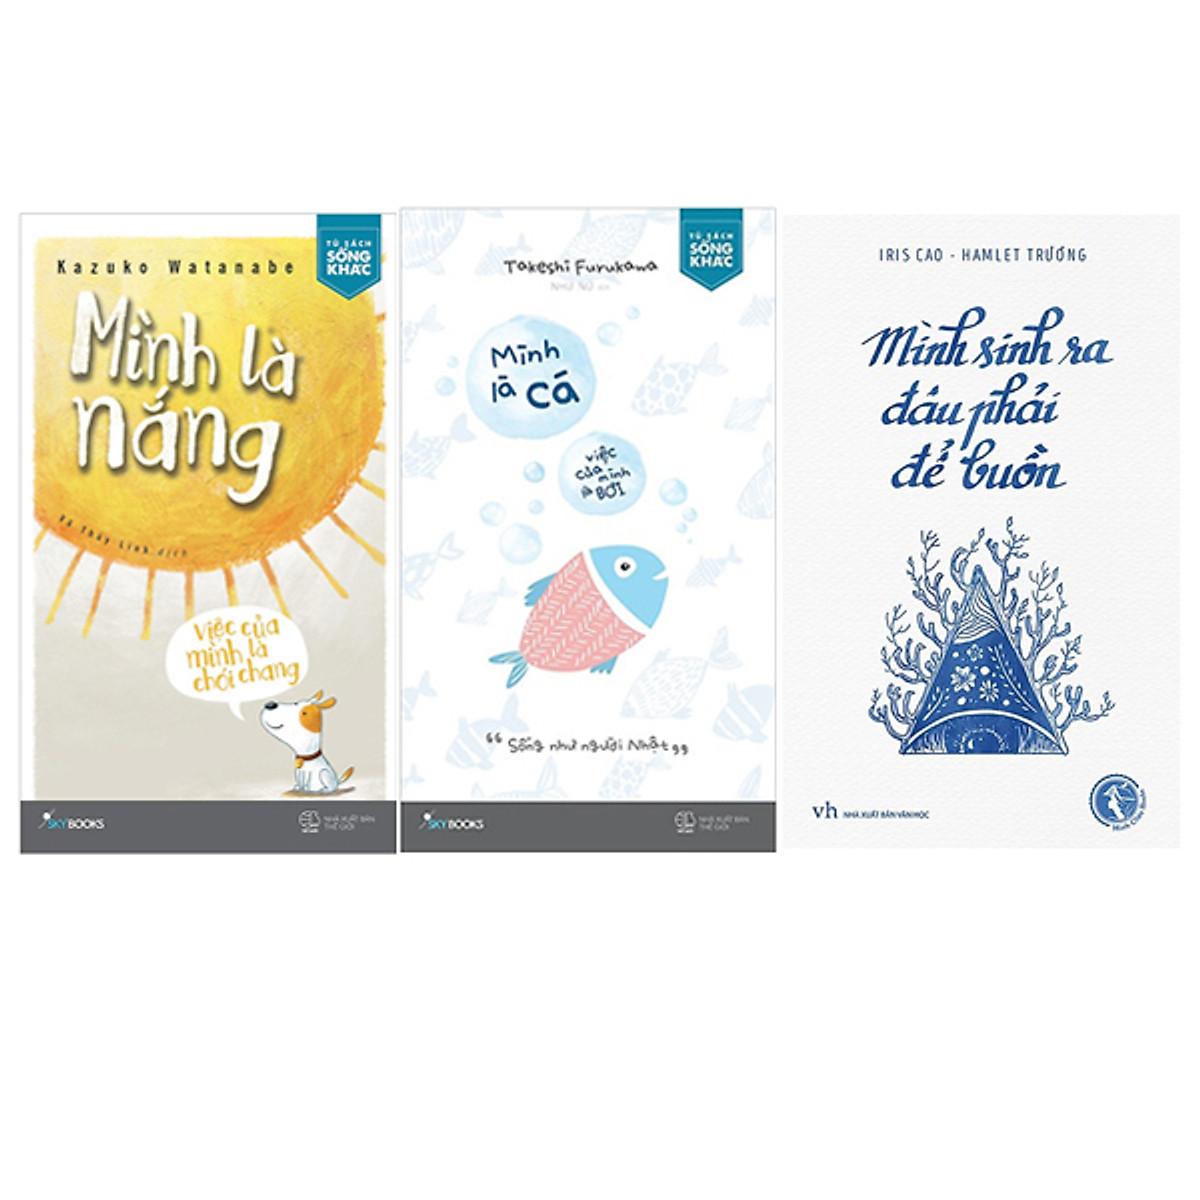 Hình đại diện sản phẩm Combo Mình Là Cá, Việc Của Mình Là Bơi + Mình Là Nắng, Việc Của Mình Là Chói Chang + Mình Sinh Ra Đâu Phải Để Buồn (Tặng kèm 1 Bookmark TIKI)